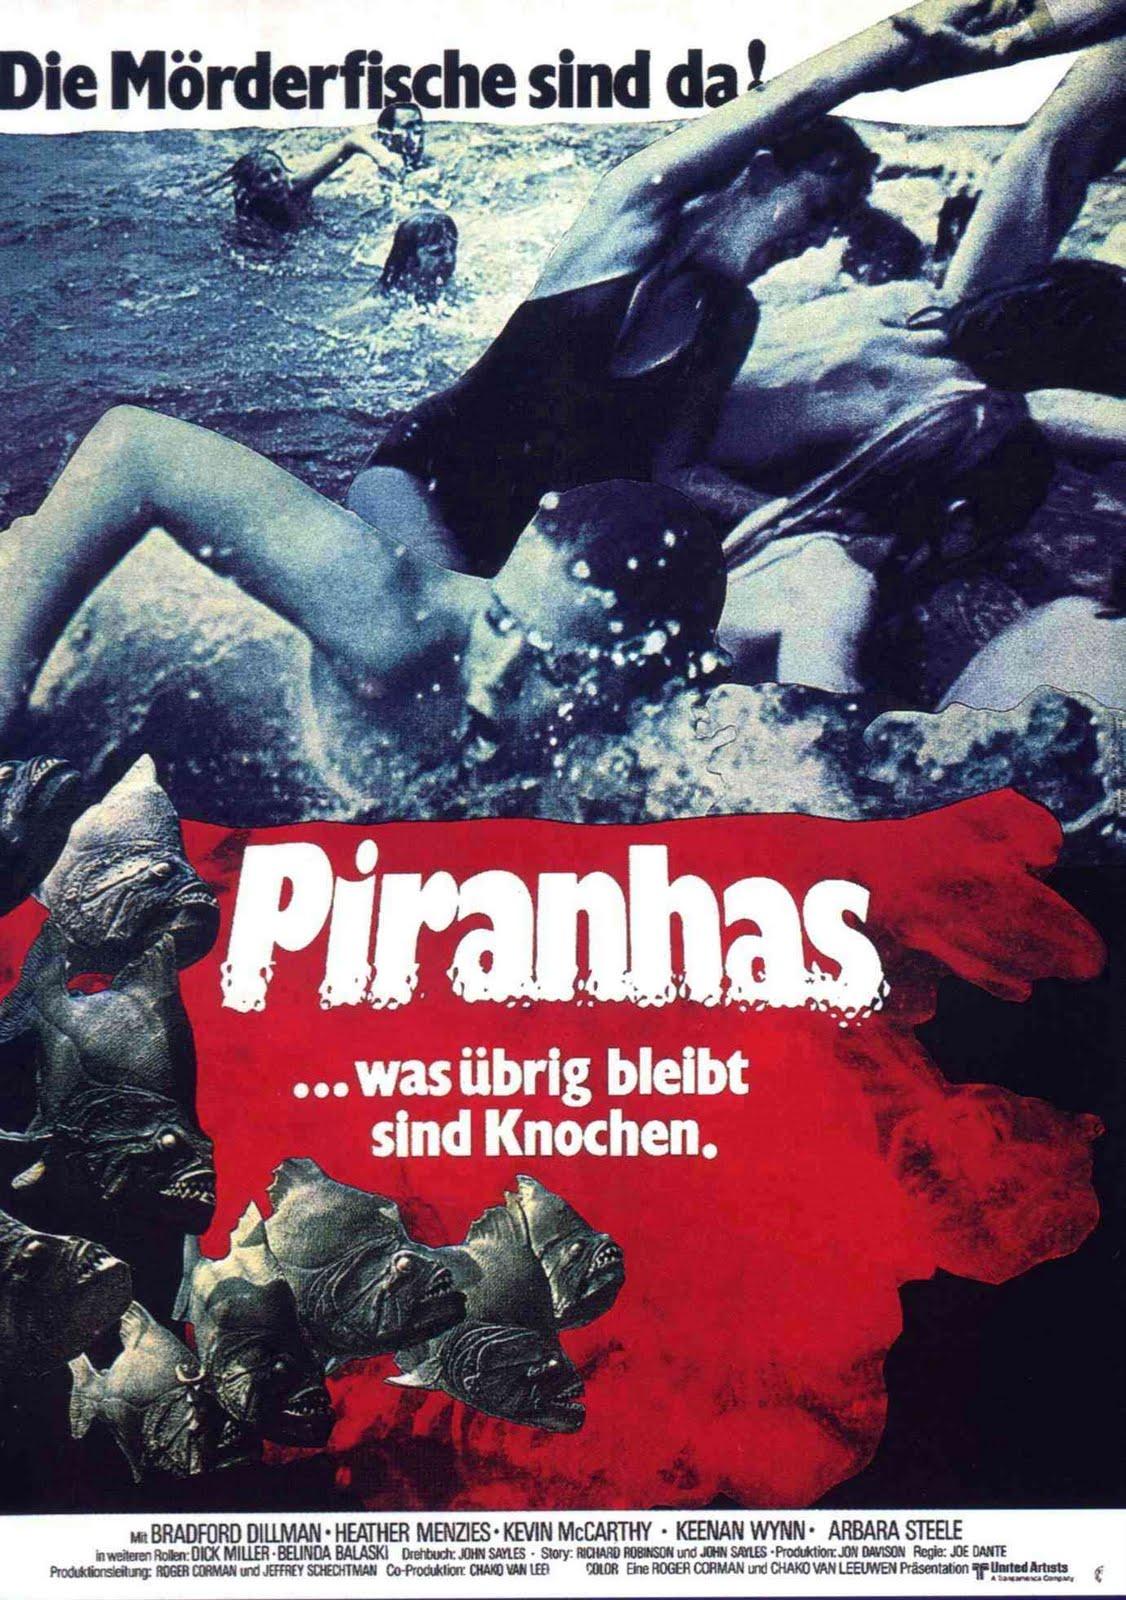 http://4.bp.blogspot.com/_l_fnCRs7nyc/THylJgDno8I/AAAAAAAABWw/xYSzBWal-Jw/s1600/piranha_poster_03.jpg